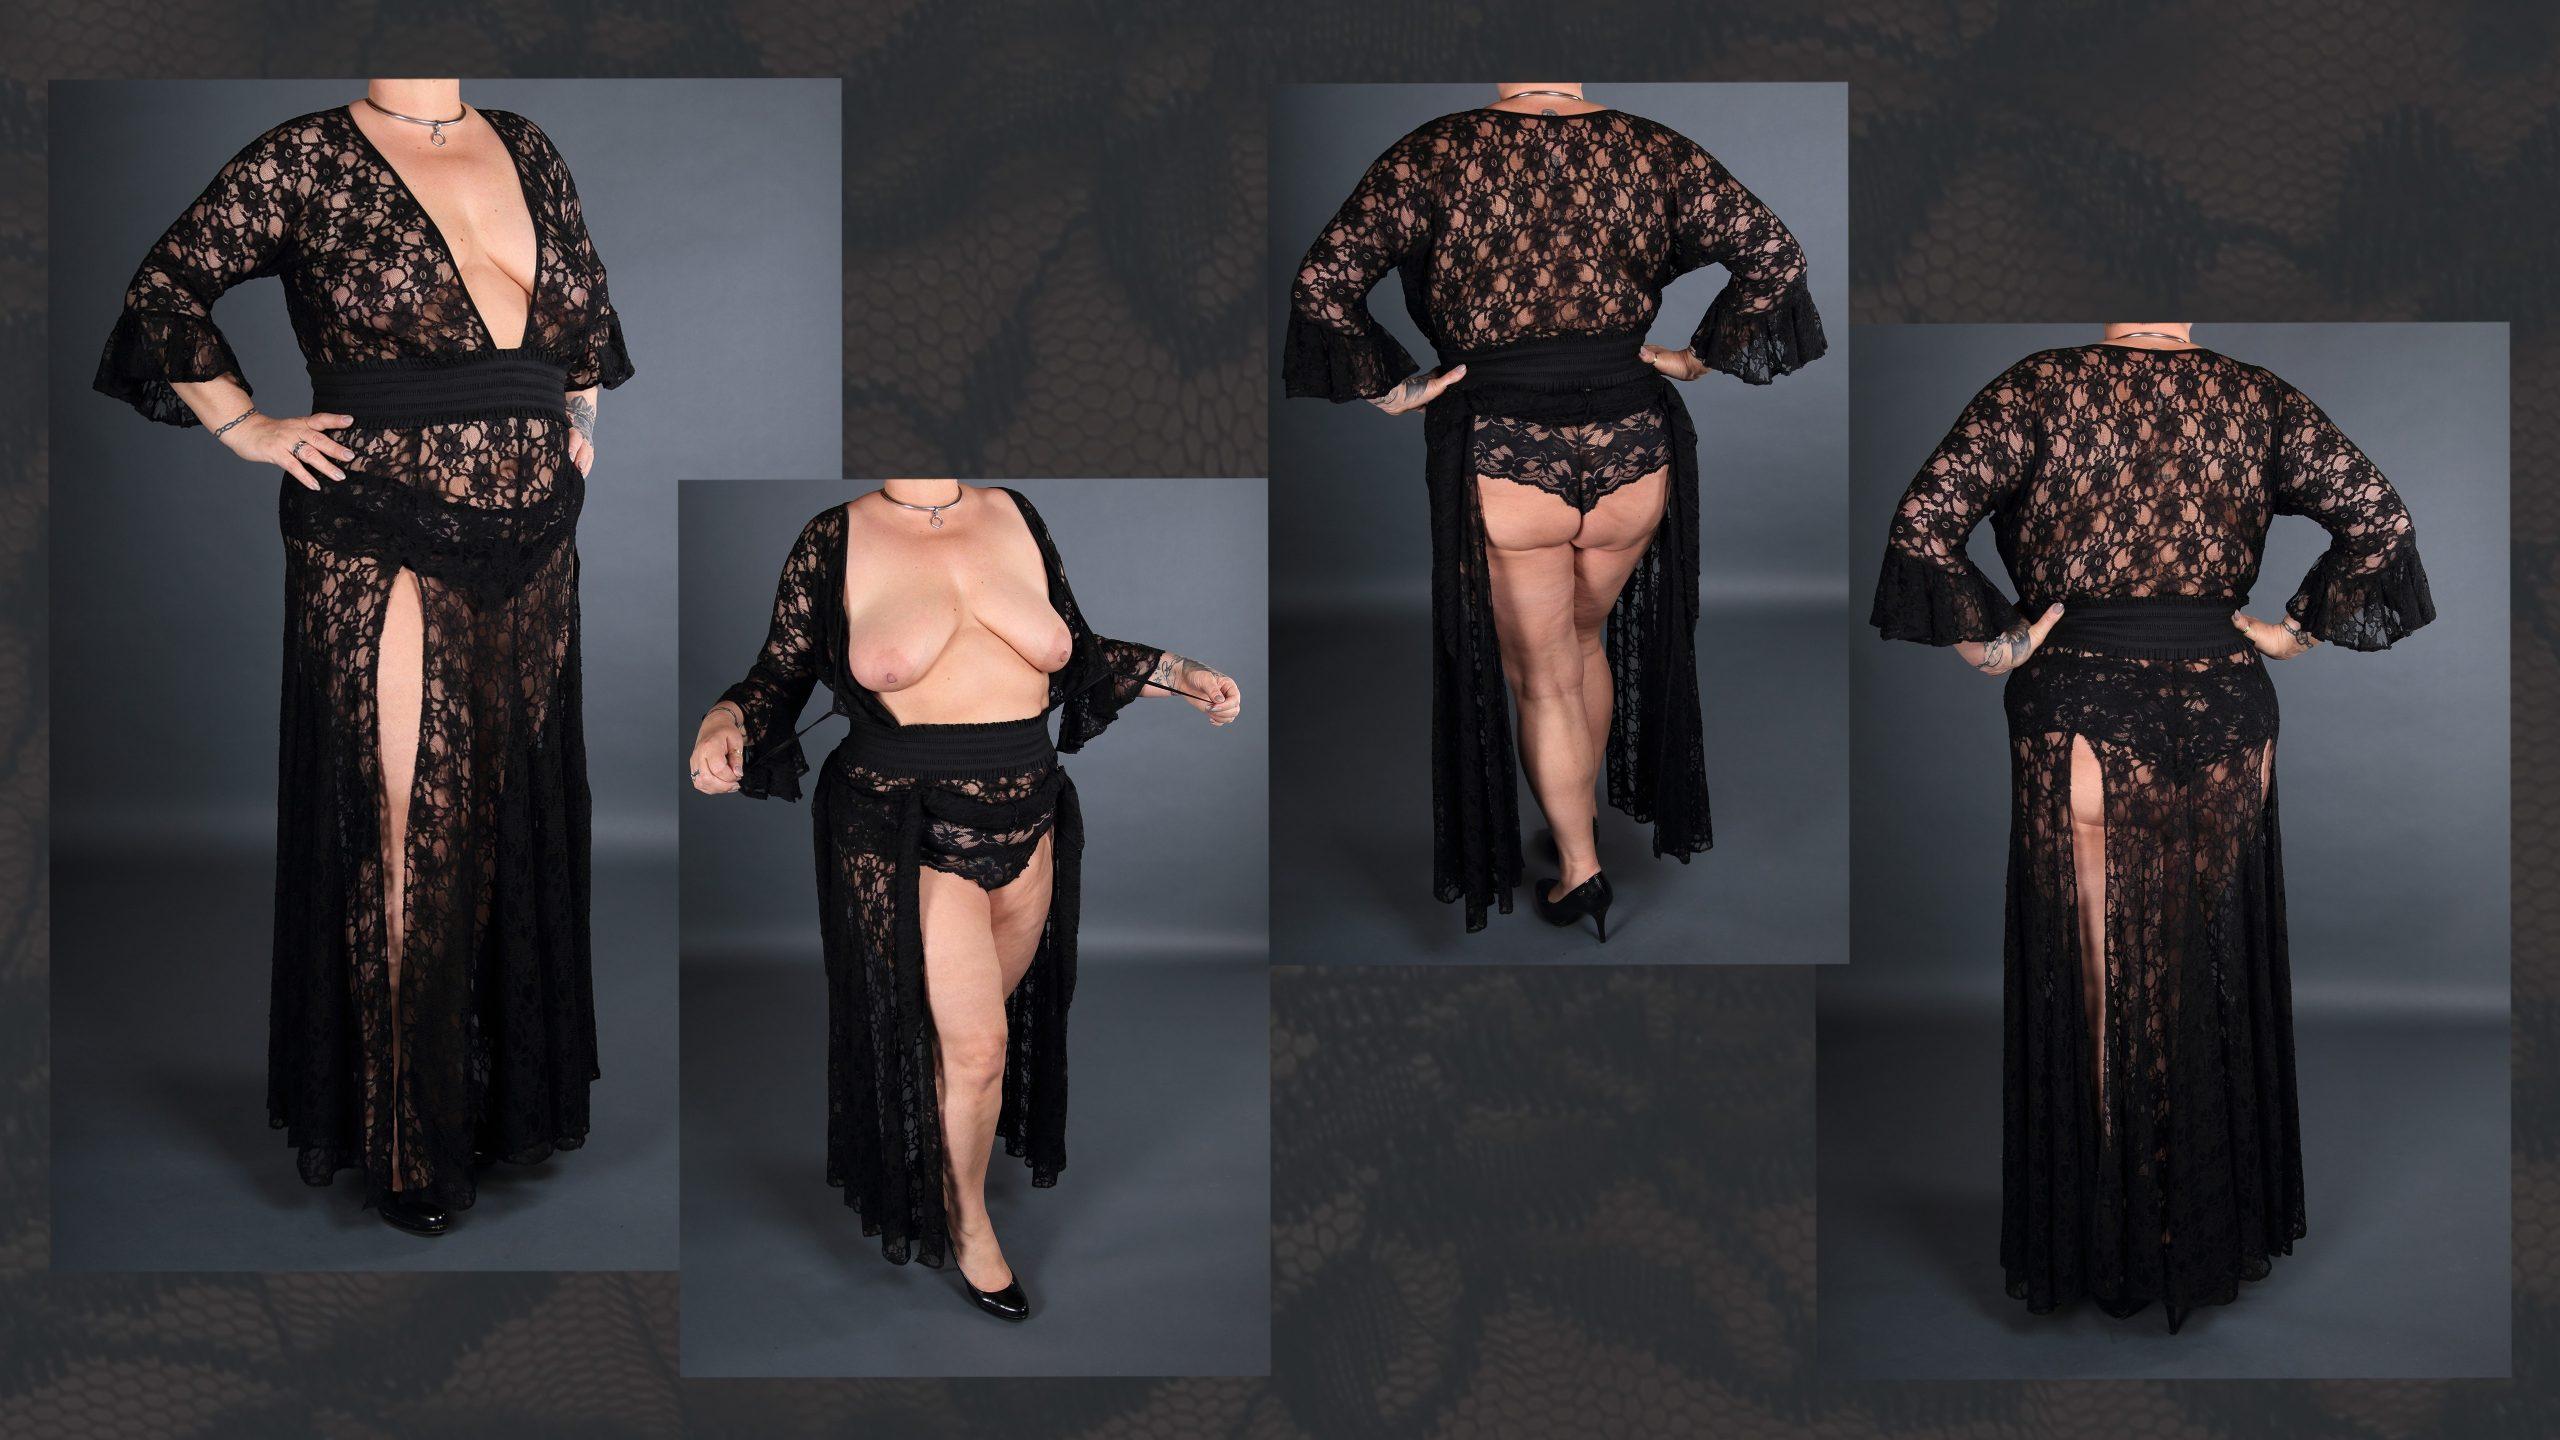 10 Schön Der Abend Der O Kleidung ÄrmelFormal Einzigartig Der Abend Der O Kleidung Design